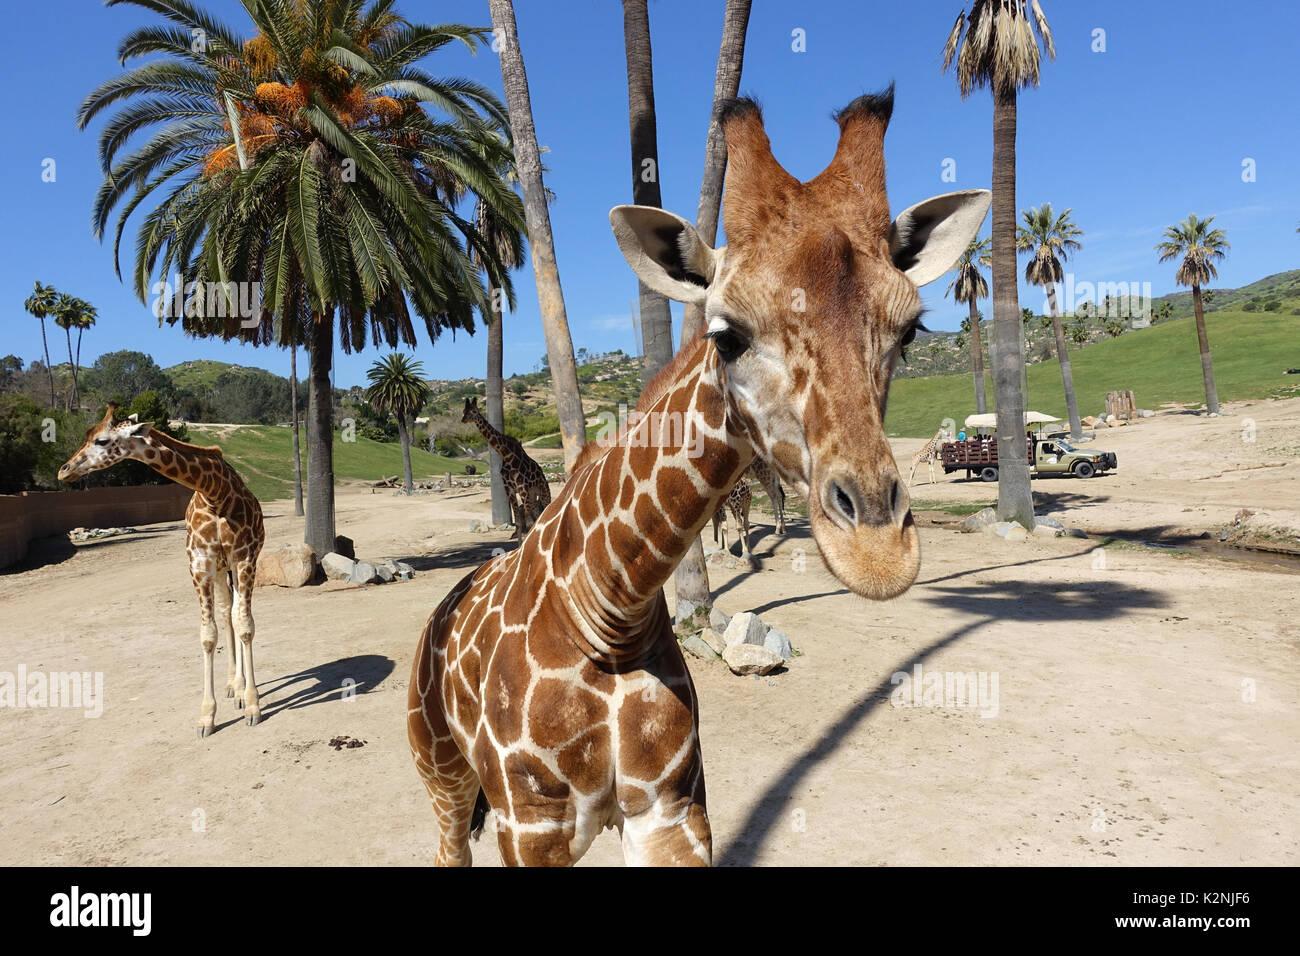 San Diego Zoo Safari Park Stock Photos & San Diego Zoo